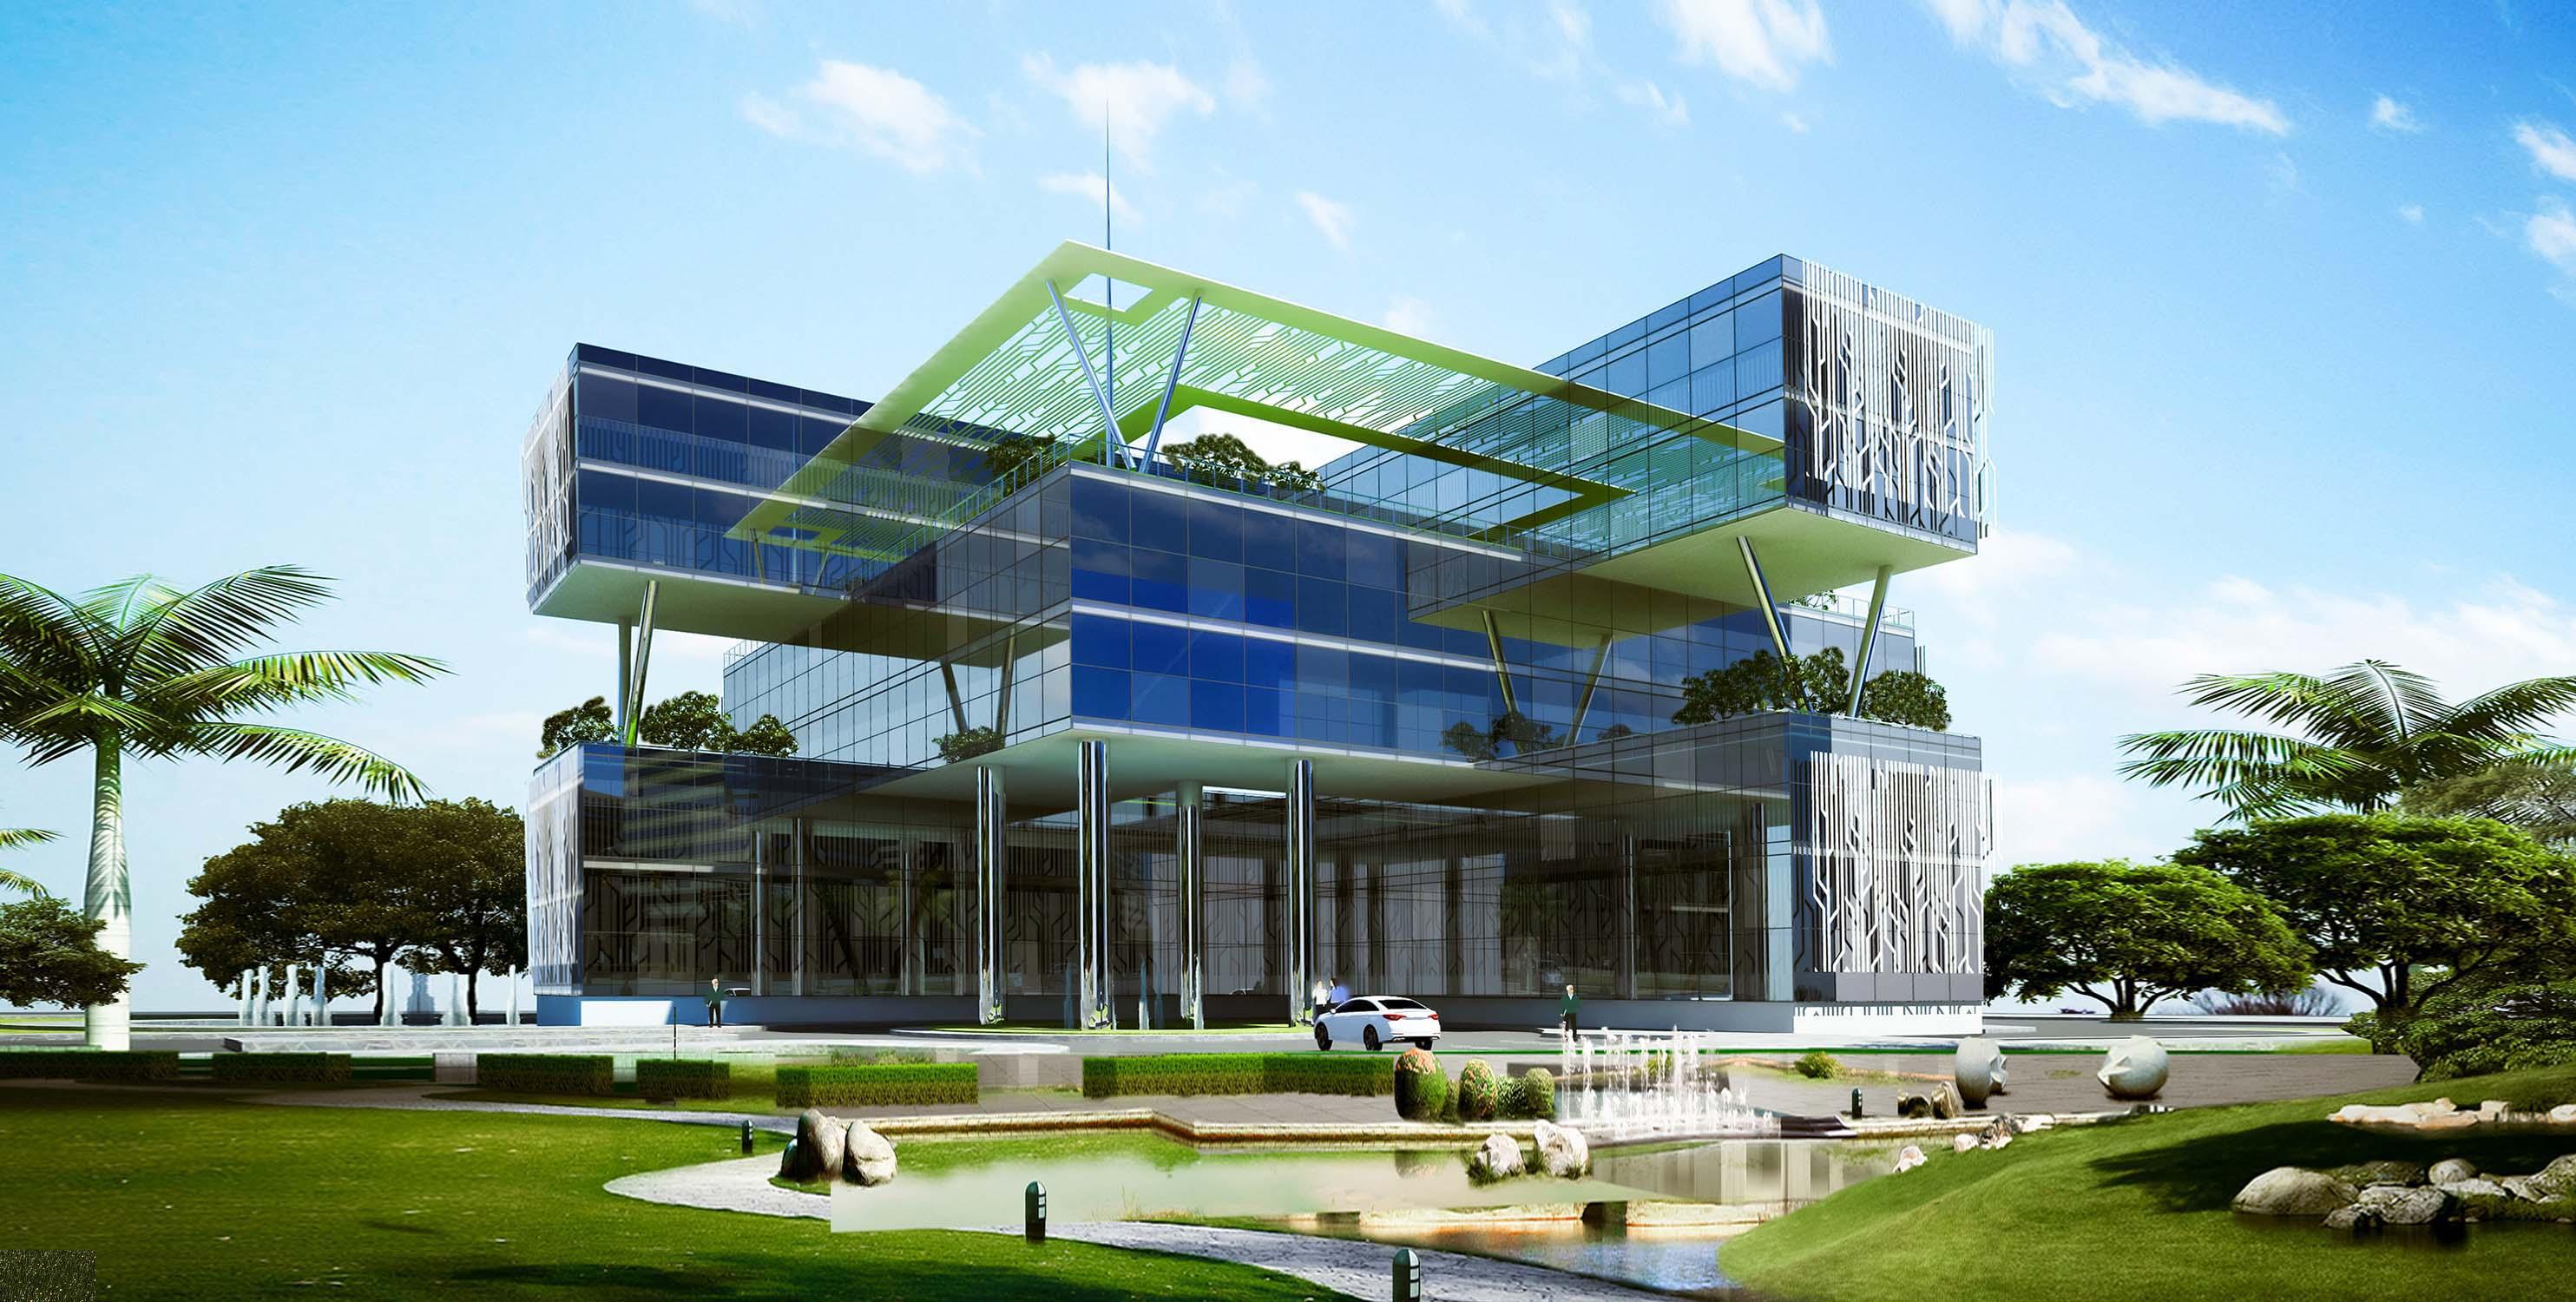 Cube Design Engineering Consultations